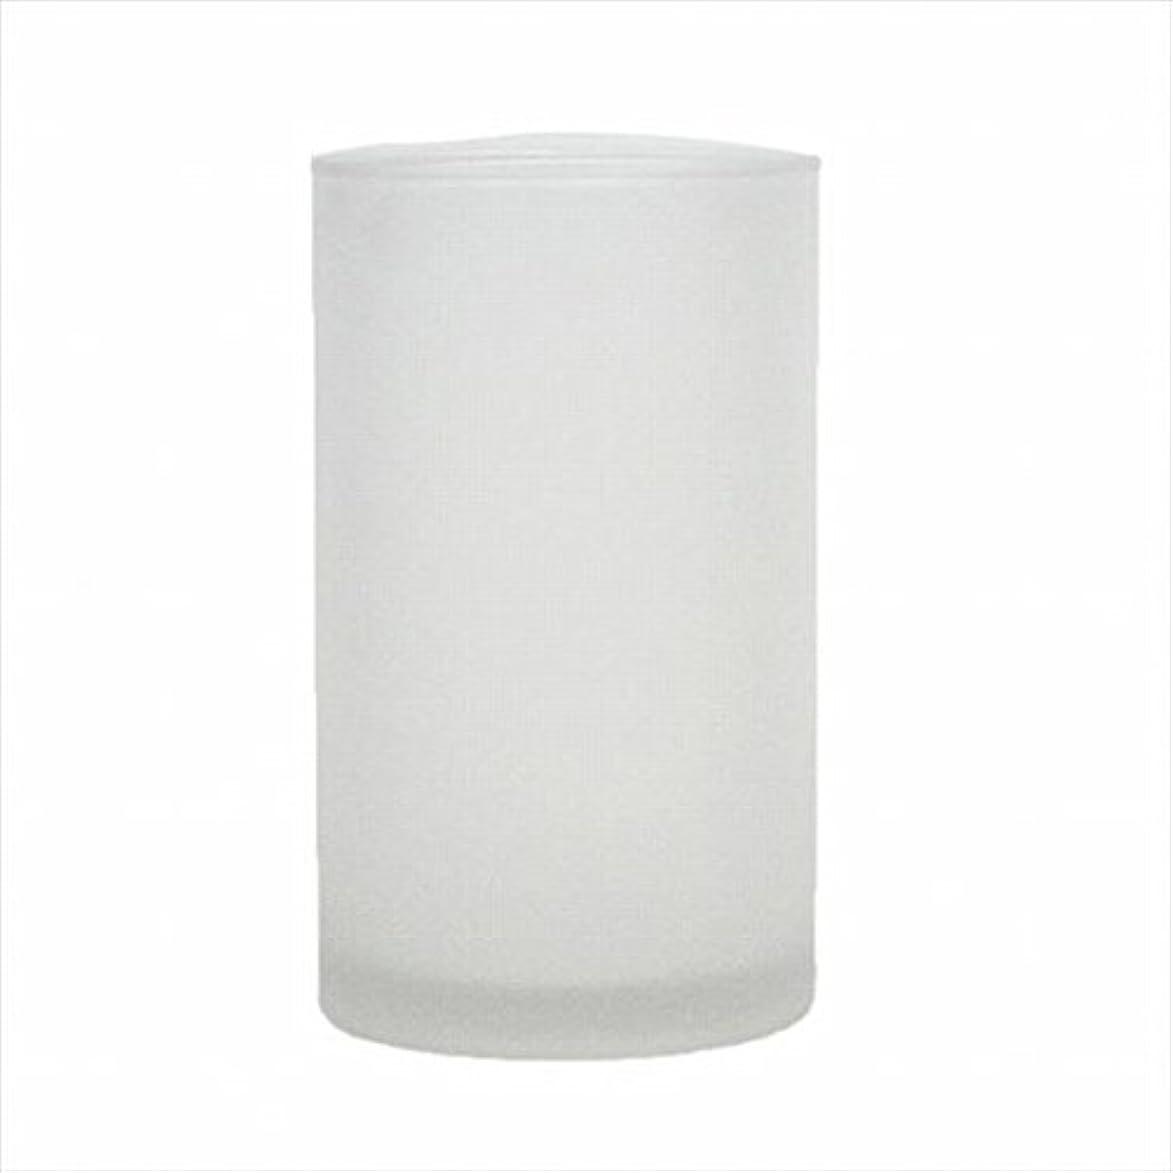 のヒープスパイラル落ち着かないカメヤマキャンドル(kameyama candle) モルカグラスSフロスト